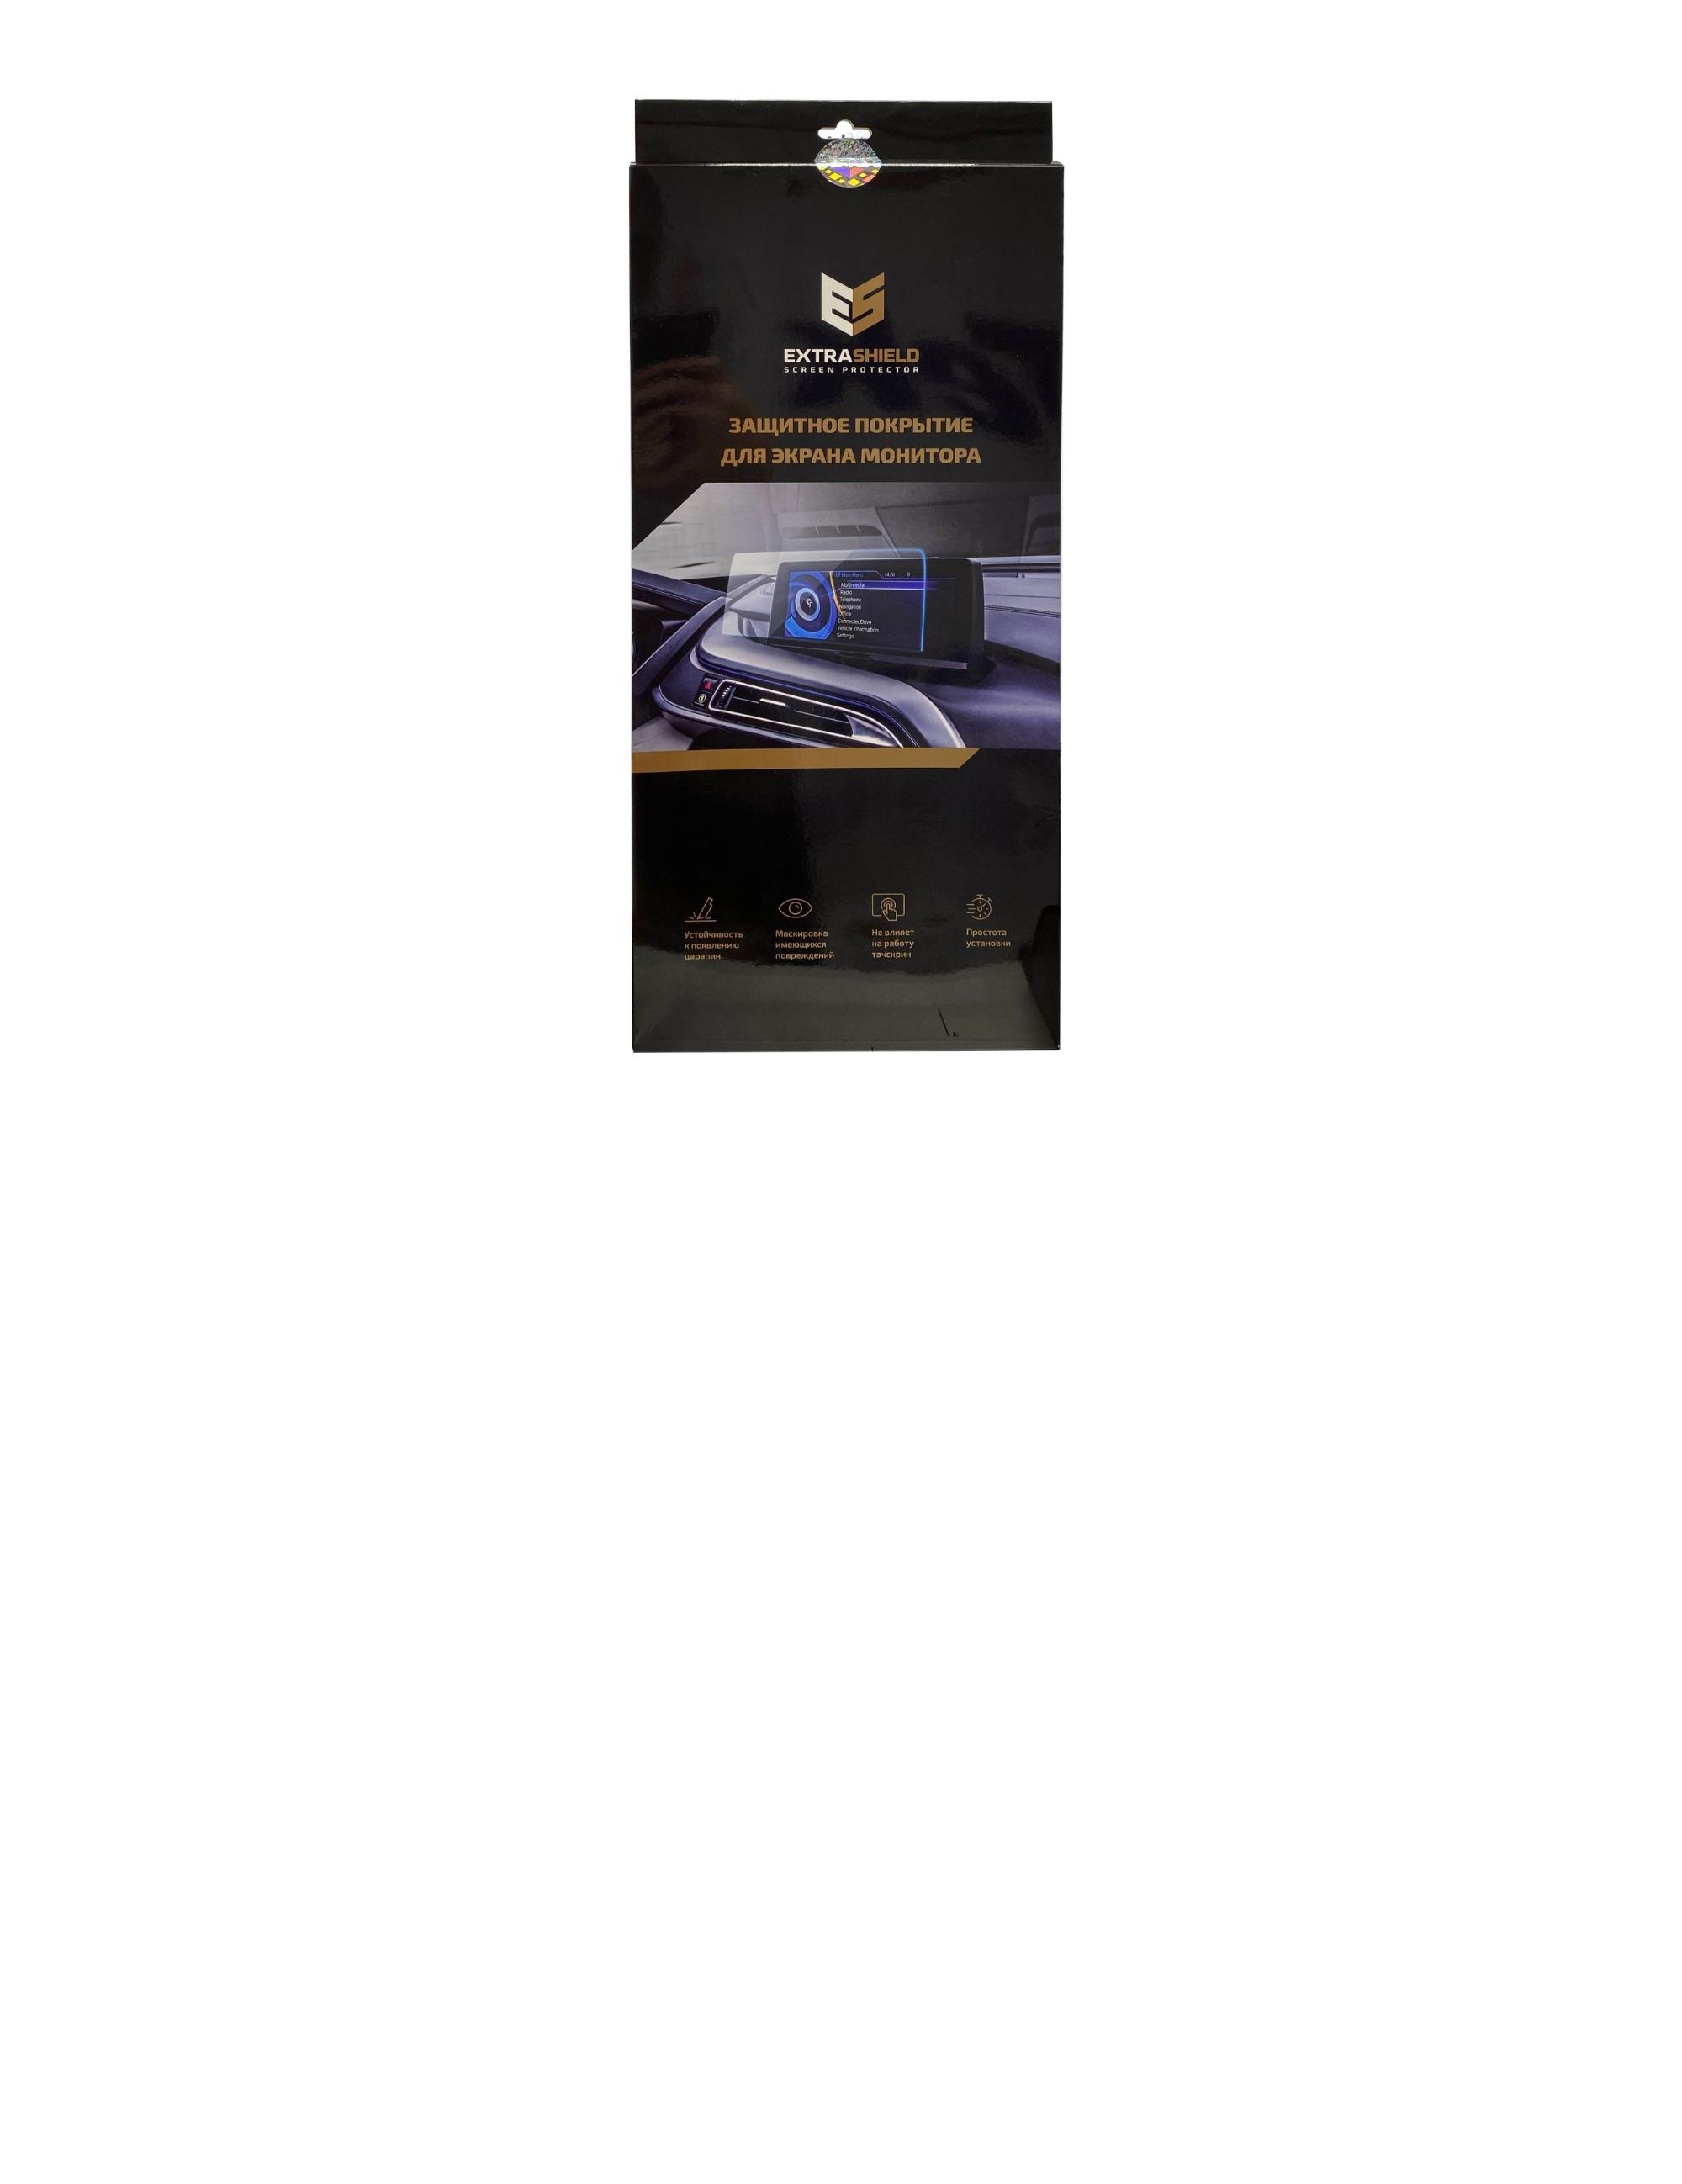 Land Rover Range Rover Evogue 2016 - 2017 мультимедиа 10.2 Защитное стекло Глянец